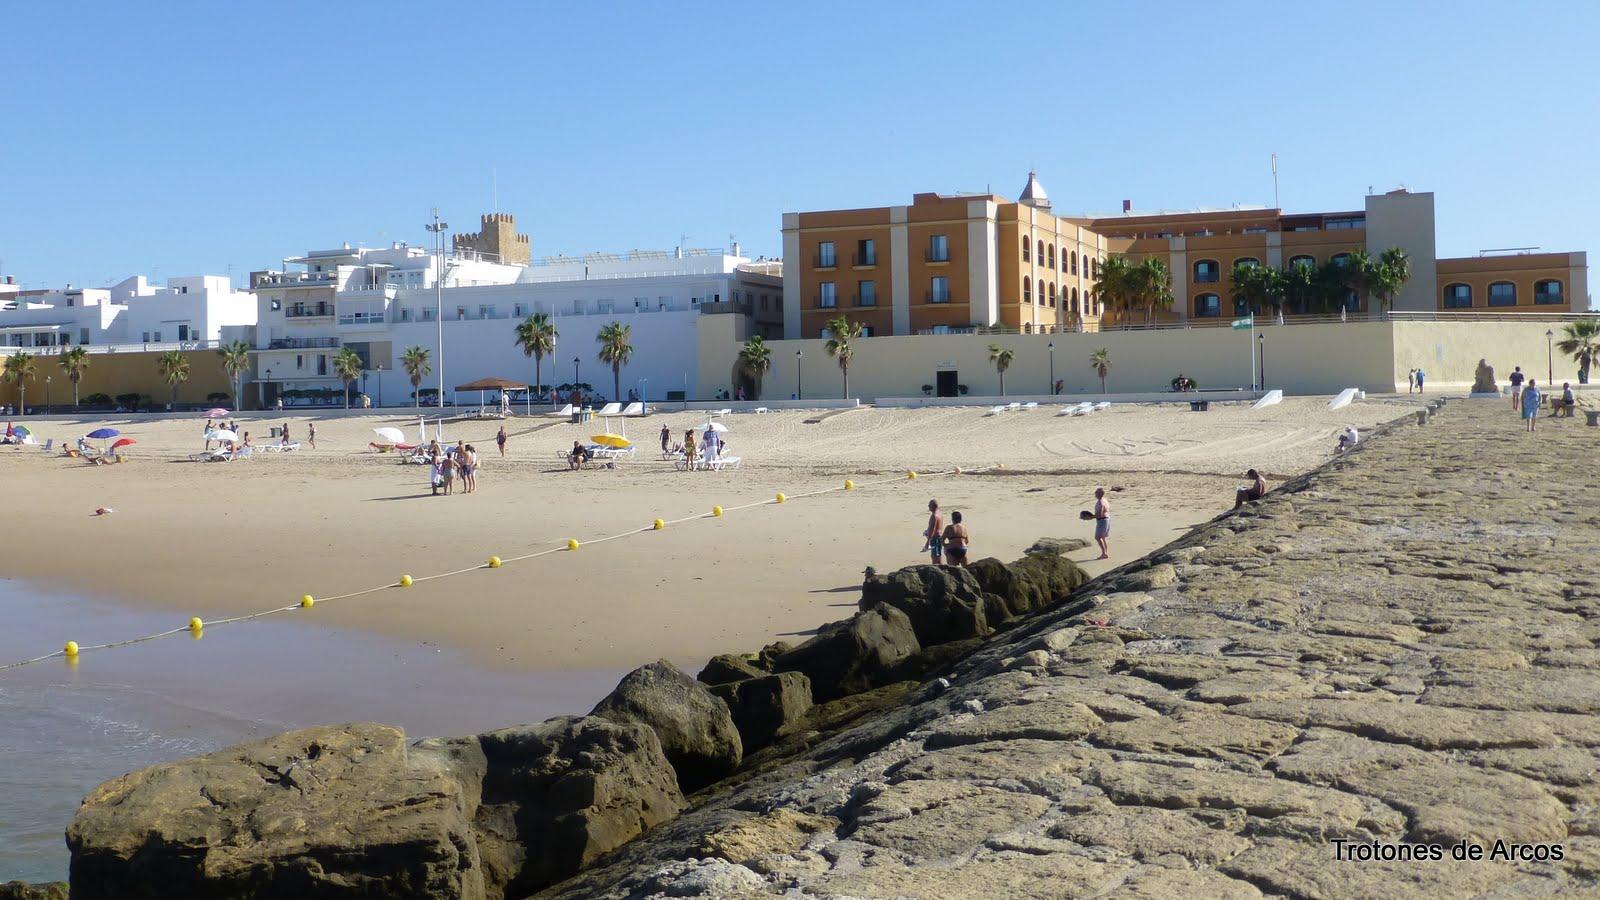 curvo pornostar salida en Jerez de la Frontera